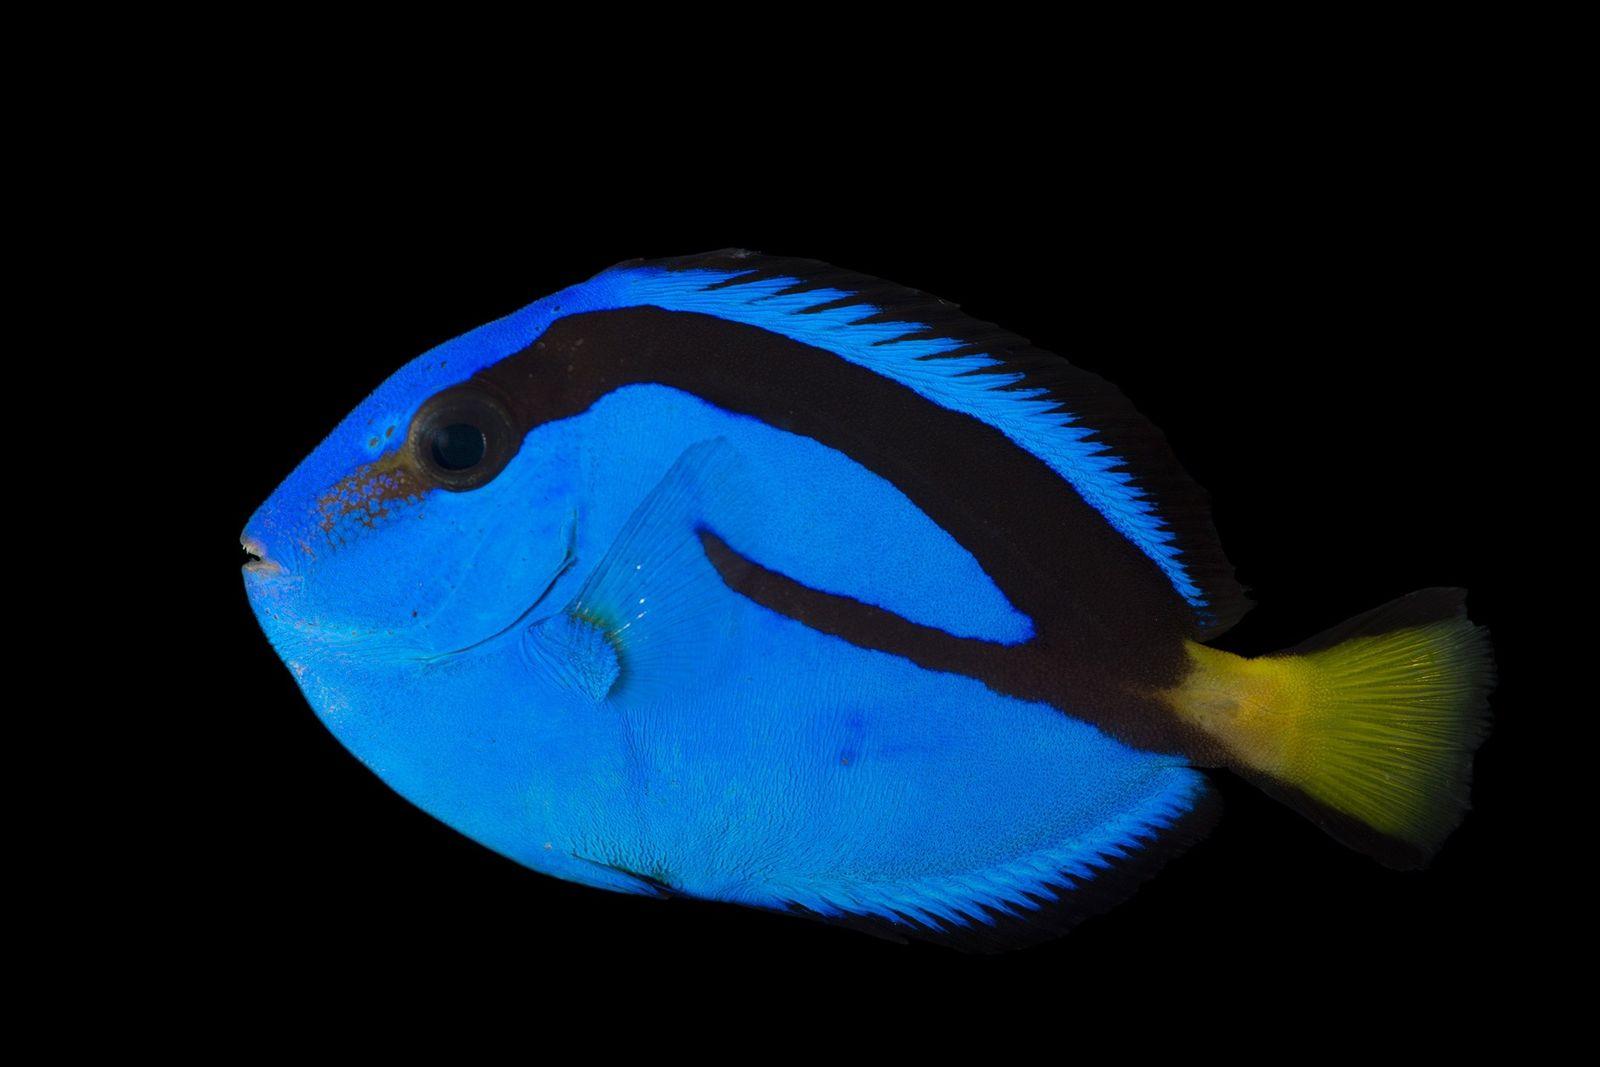 Los peces cirujano azul pueden encontrarse en las aguas cristalinas de los arrecifes de coral. Los ...